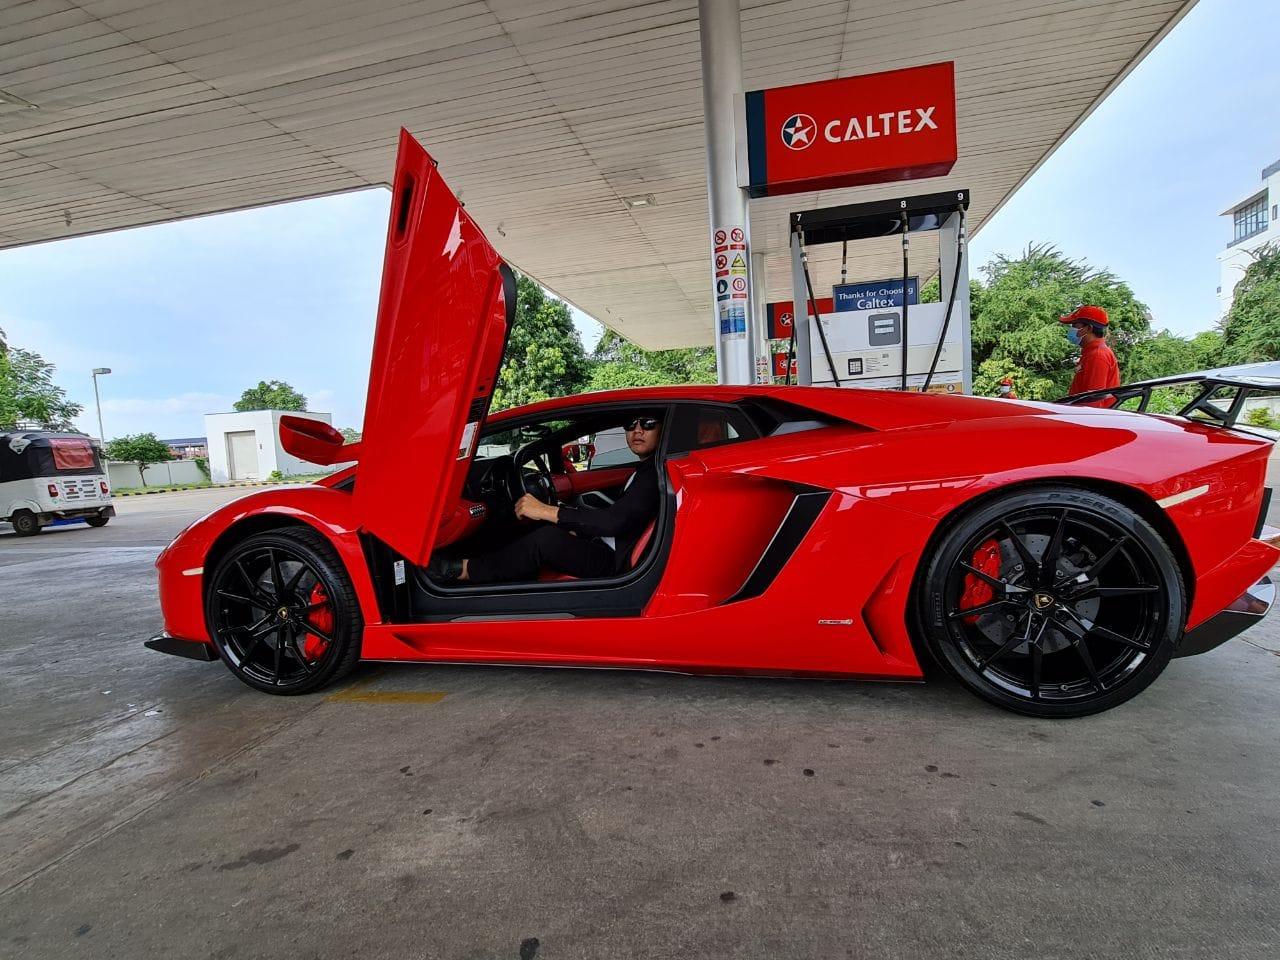 អស់ទាស់! ឧកញ៉ា ឡេង ណាវ៉ាត់ត្រា ទិញឡាន Lamborghini គ្រឿងទី ៣  ក្រហមឆេះស្វាគមន៍ឆ្នាំថ្មី – Popular Magazine